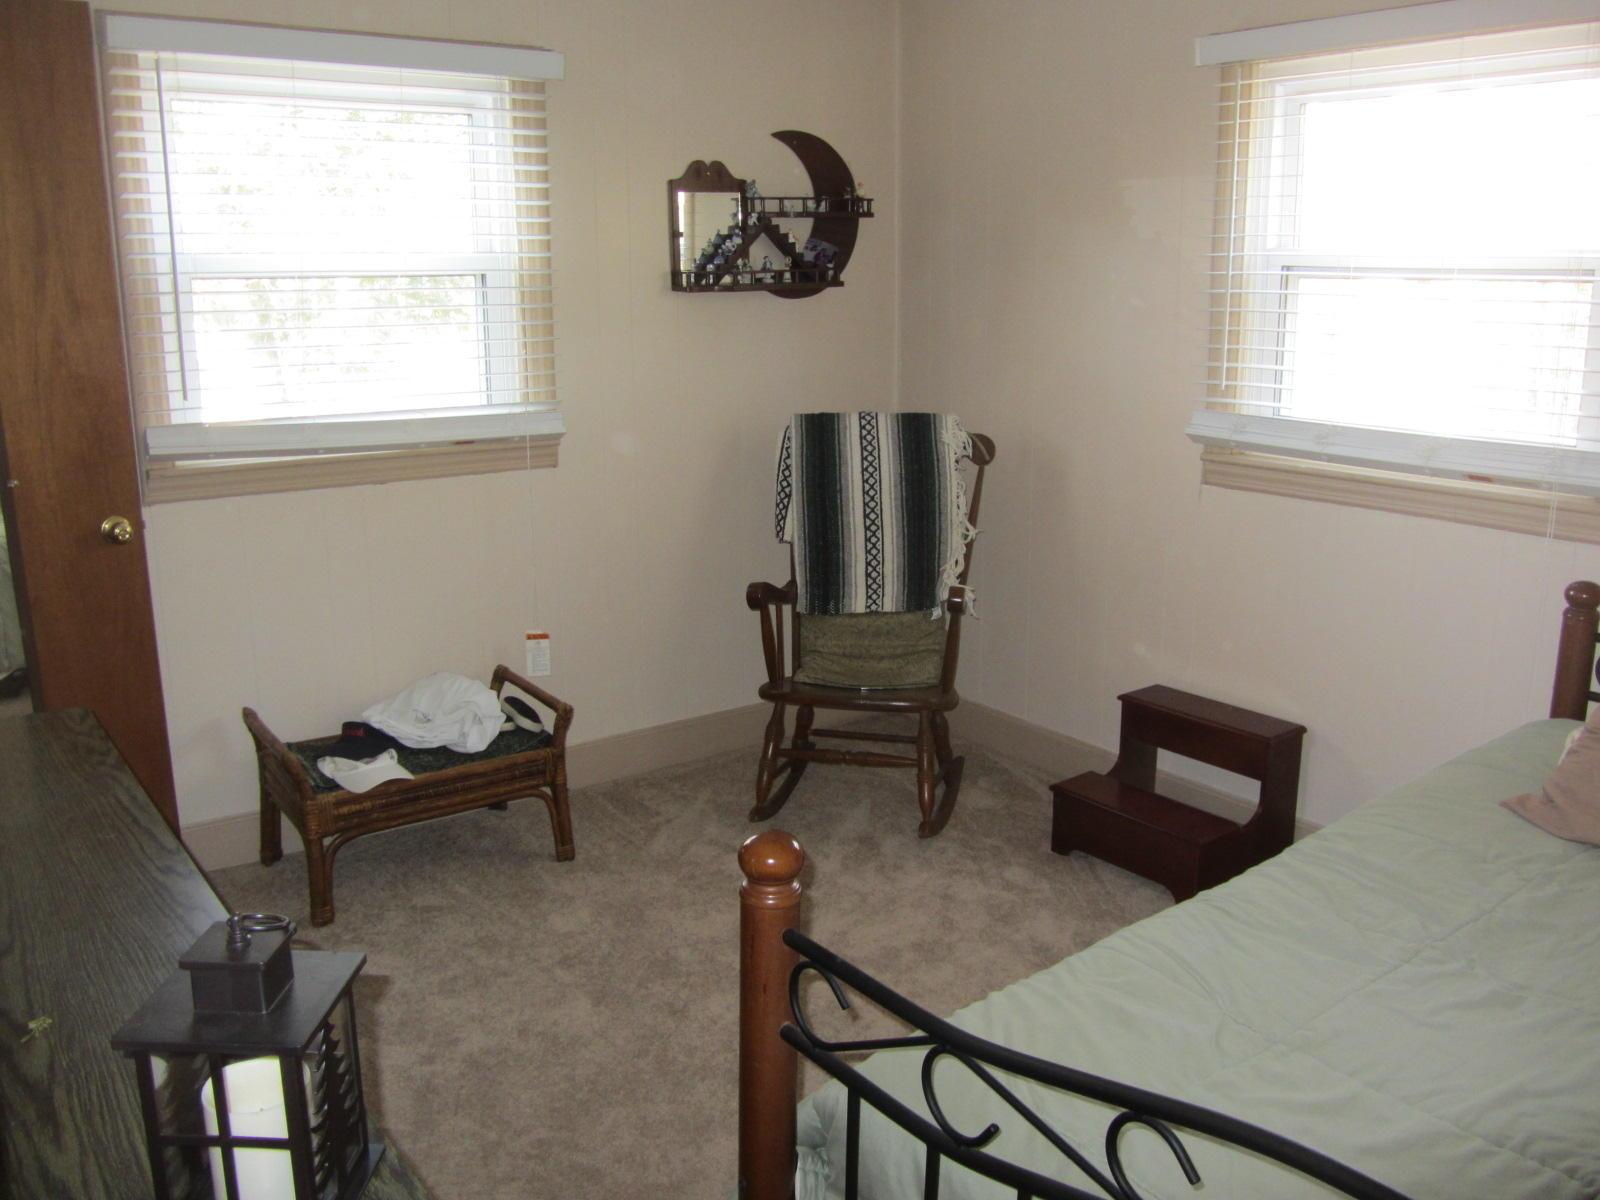 Edisto River Homes For Sale - 265 Blackwater, Round O, SC - 34